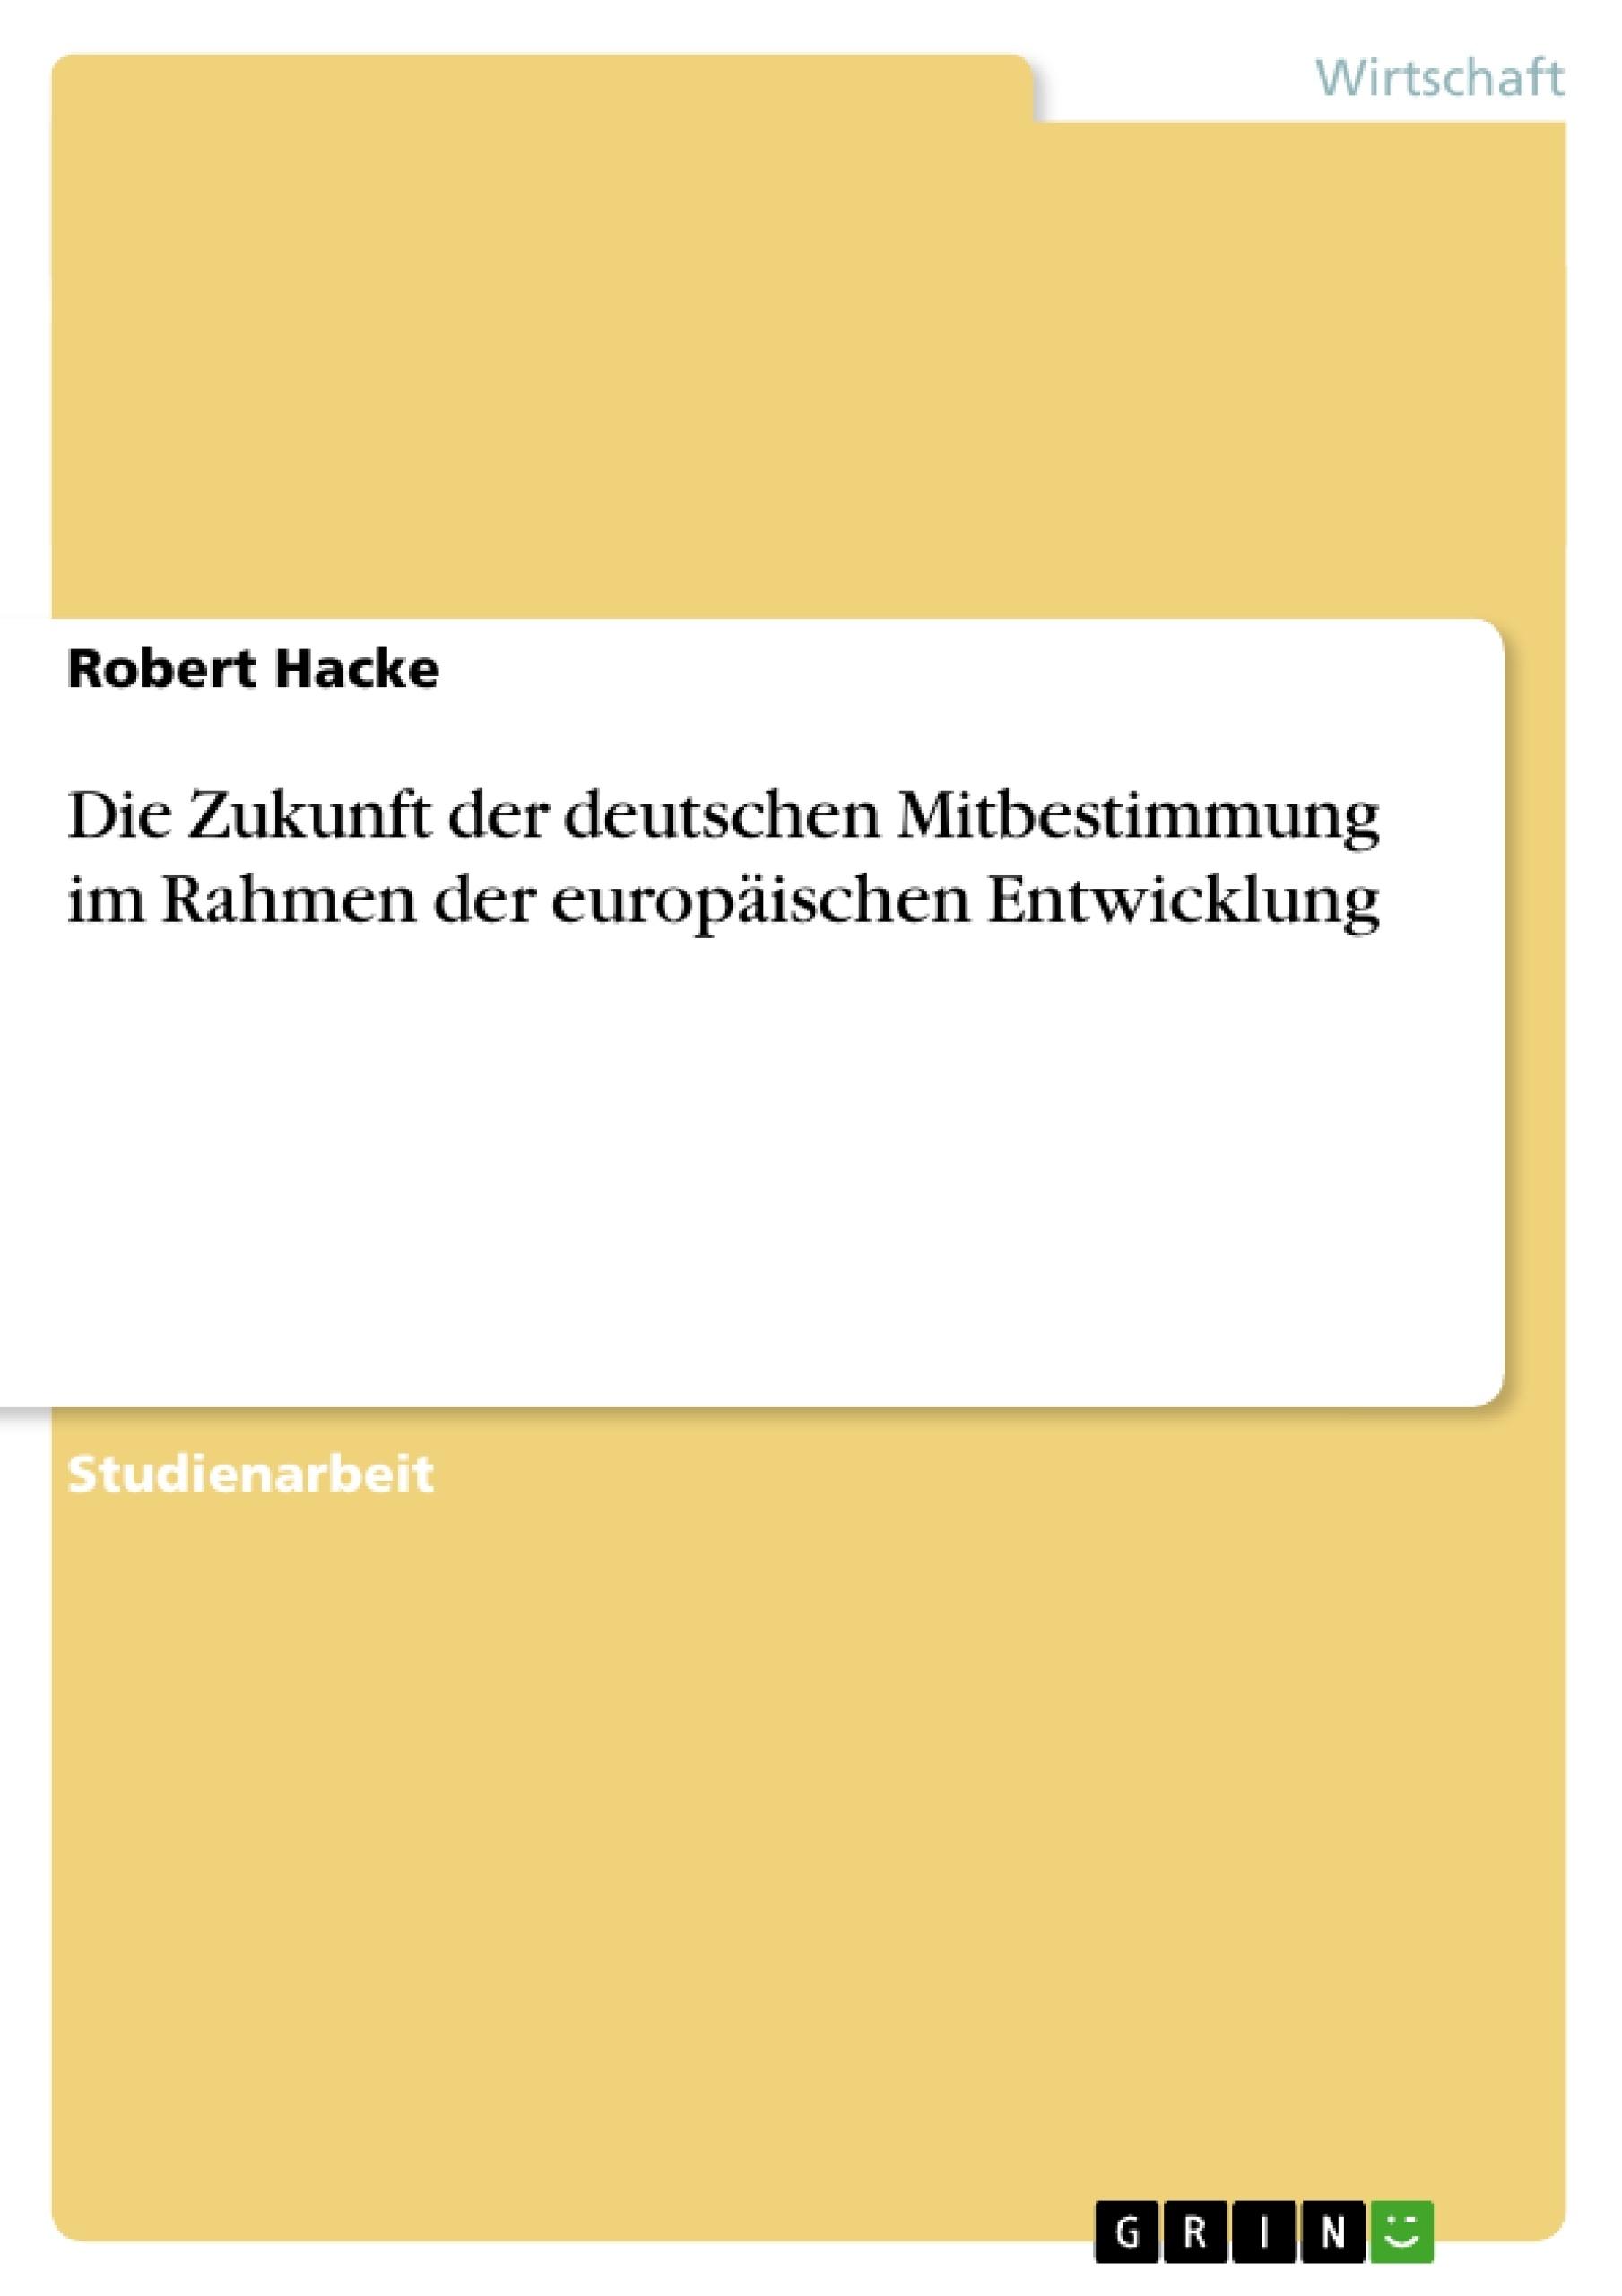 Titel: Die Zukunft der deutschen Mitbestimmung  im Rahmen der europäischen Entwicklung